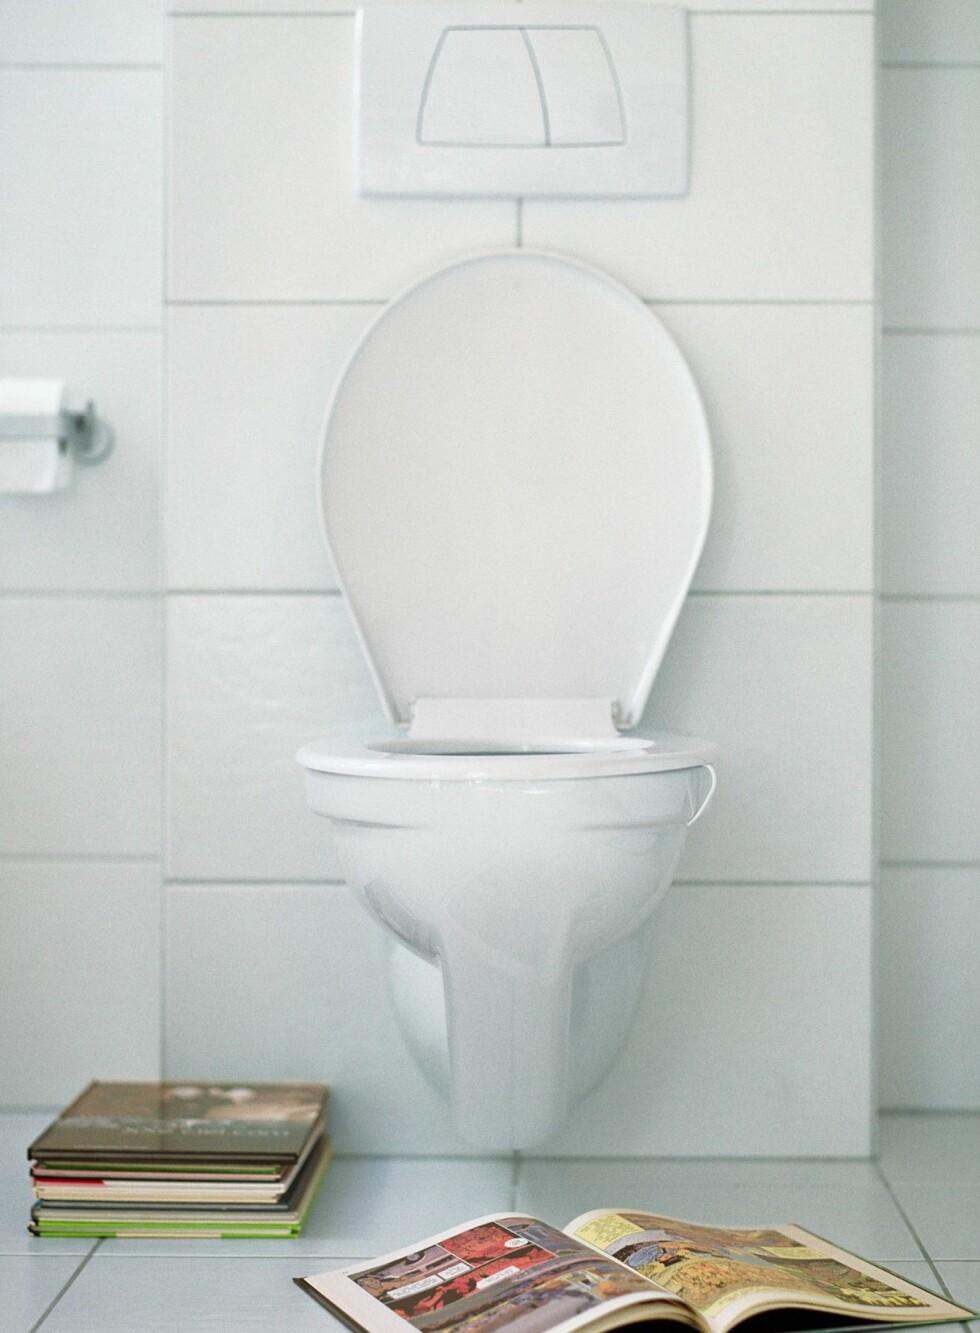 Vegghengte toaletter er ikke bare dyrere å installere, de går oftere og fortere i stykker enn gulvstående.  Foto: colourbox.com